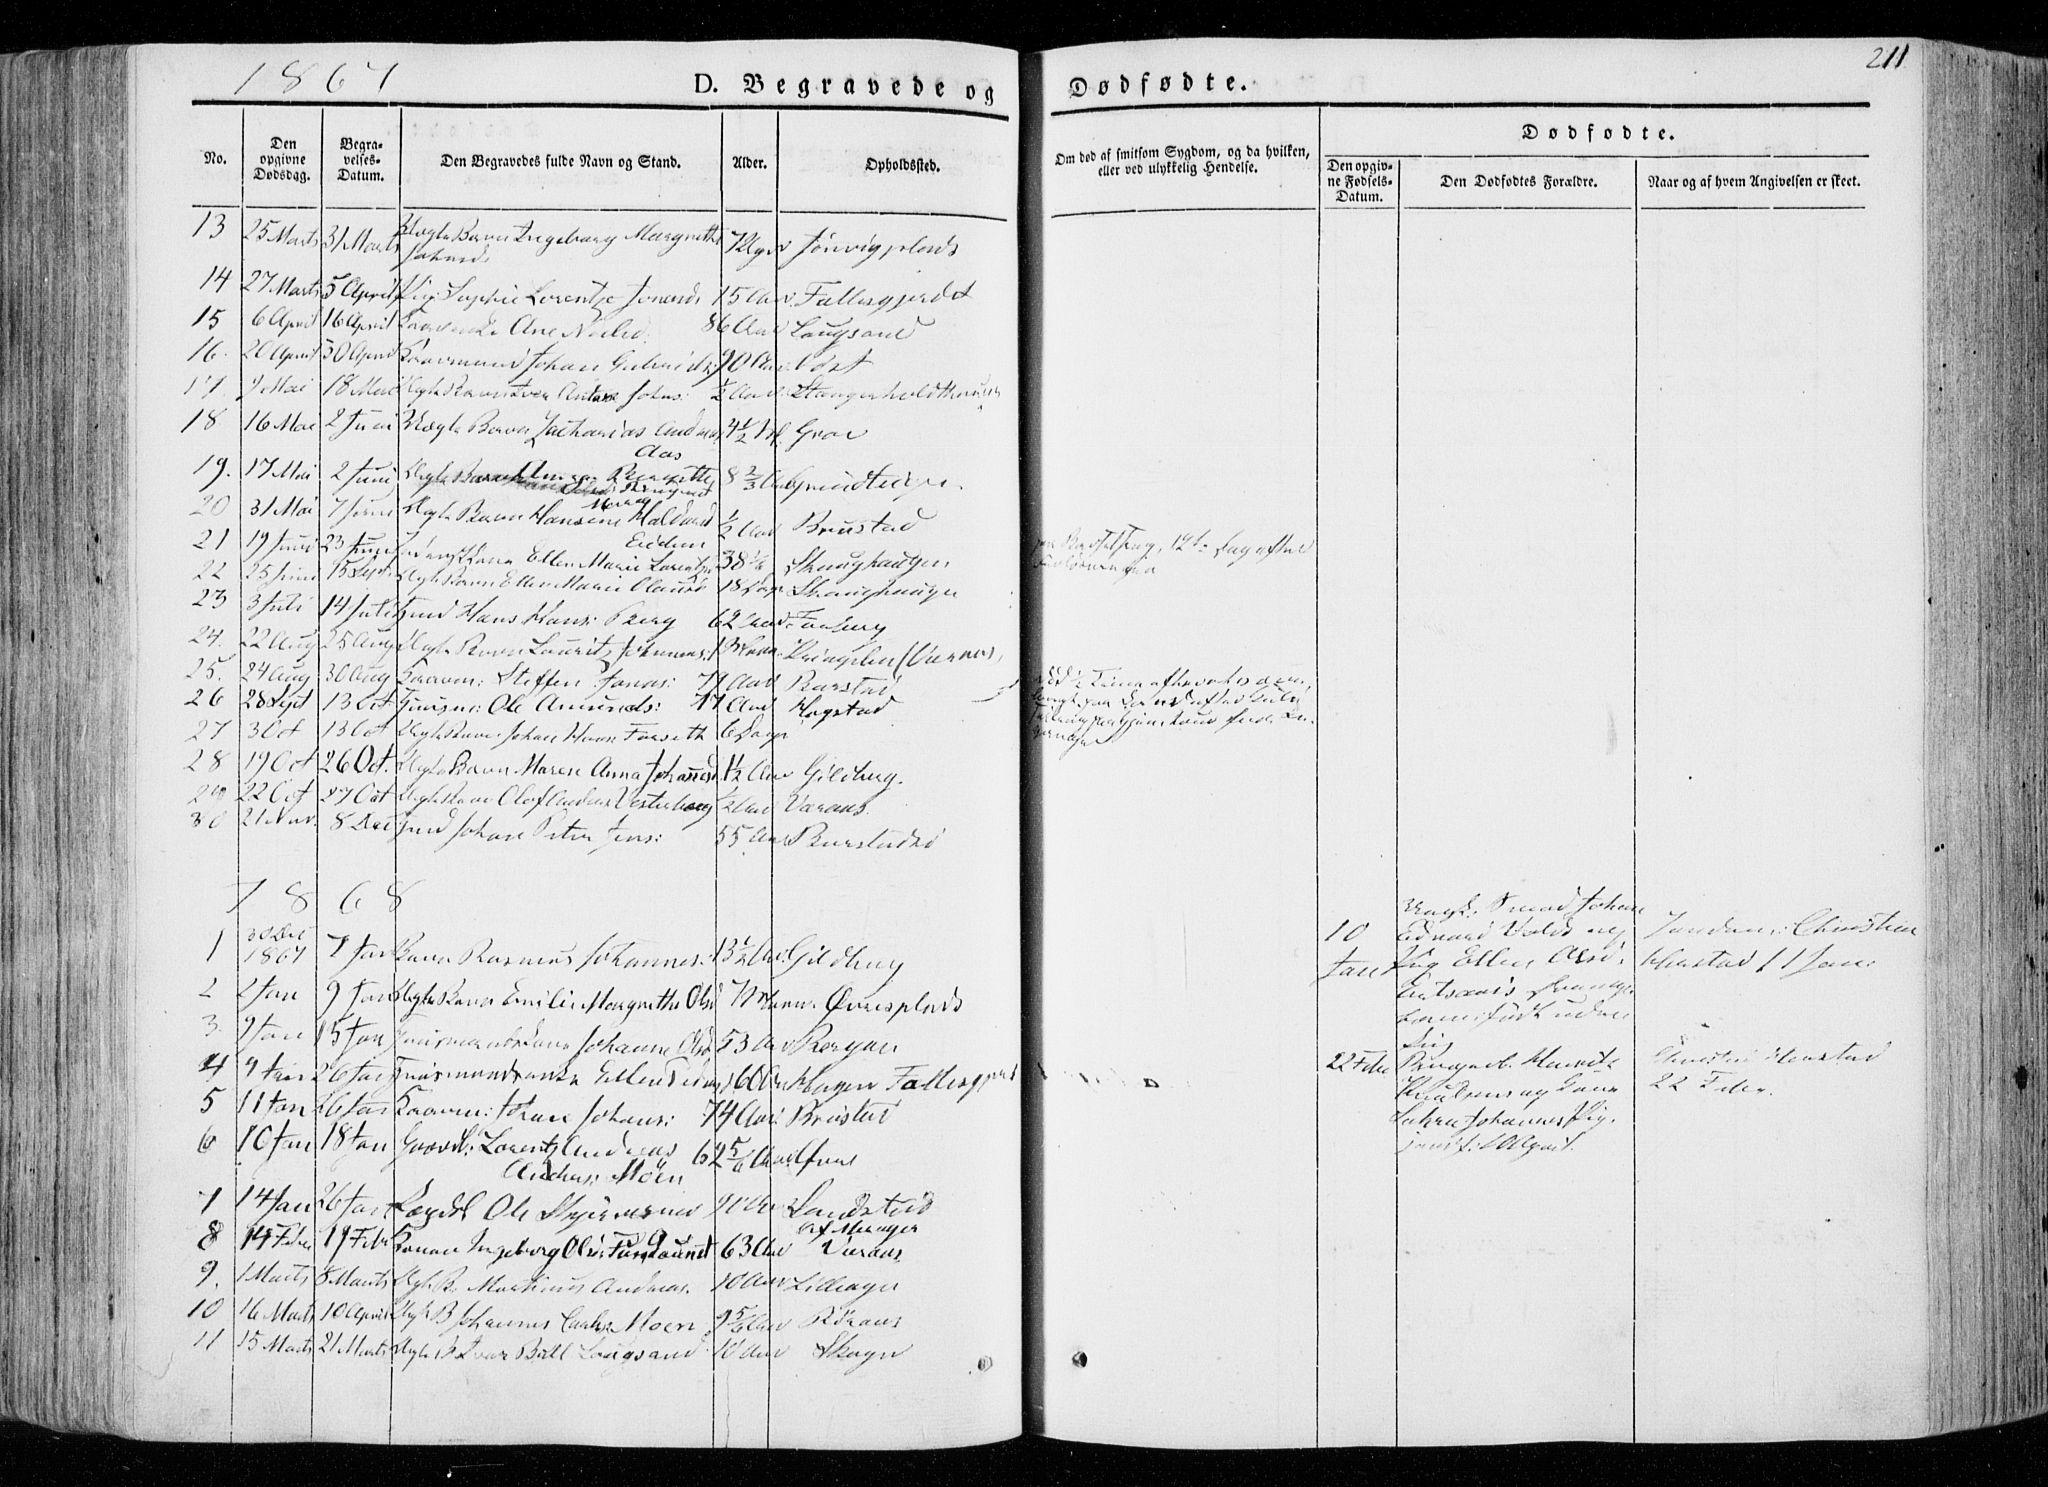 SAT, Ministerialprotokoller, klokkerbøker og fødselsregistre - Nord-Trøndelag, 722/L0218: Ministerialbok nr. 722A05, 1843-1868, s. 211